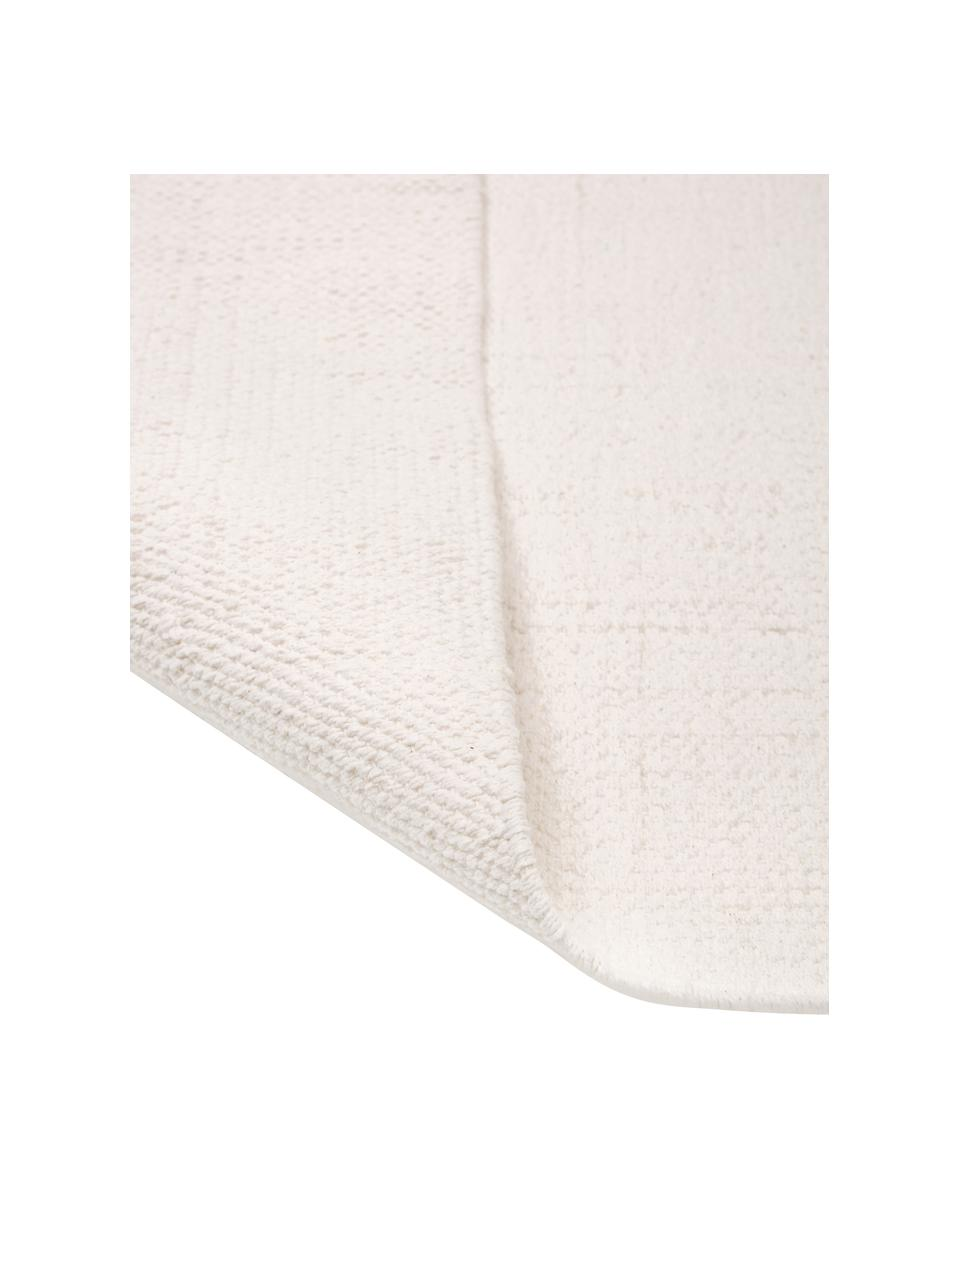 Tappeto in cotone bianco crema tessuto a mano Agneta, 100% cotone, Bianco crema, Larg. 200 x Lung. 300 cm (taglia L)